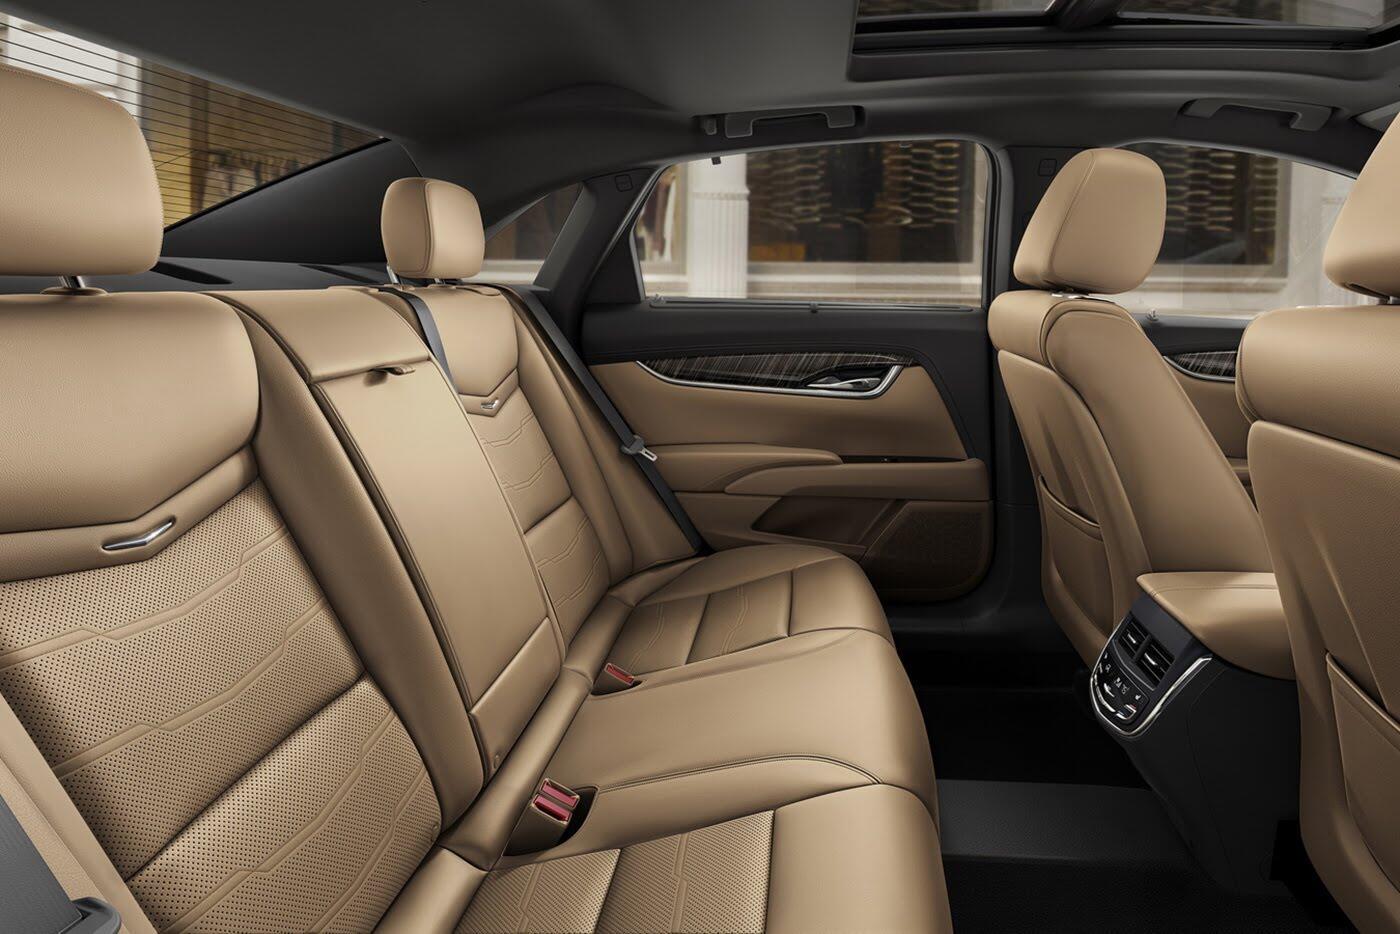 Cadillac XTS 2018 lộ diện với thiết kế hoàn toàn mới - Hình 5